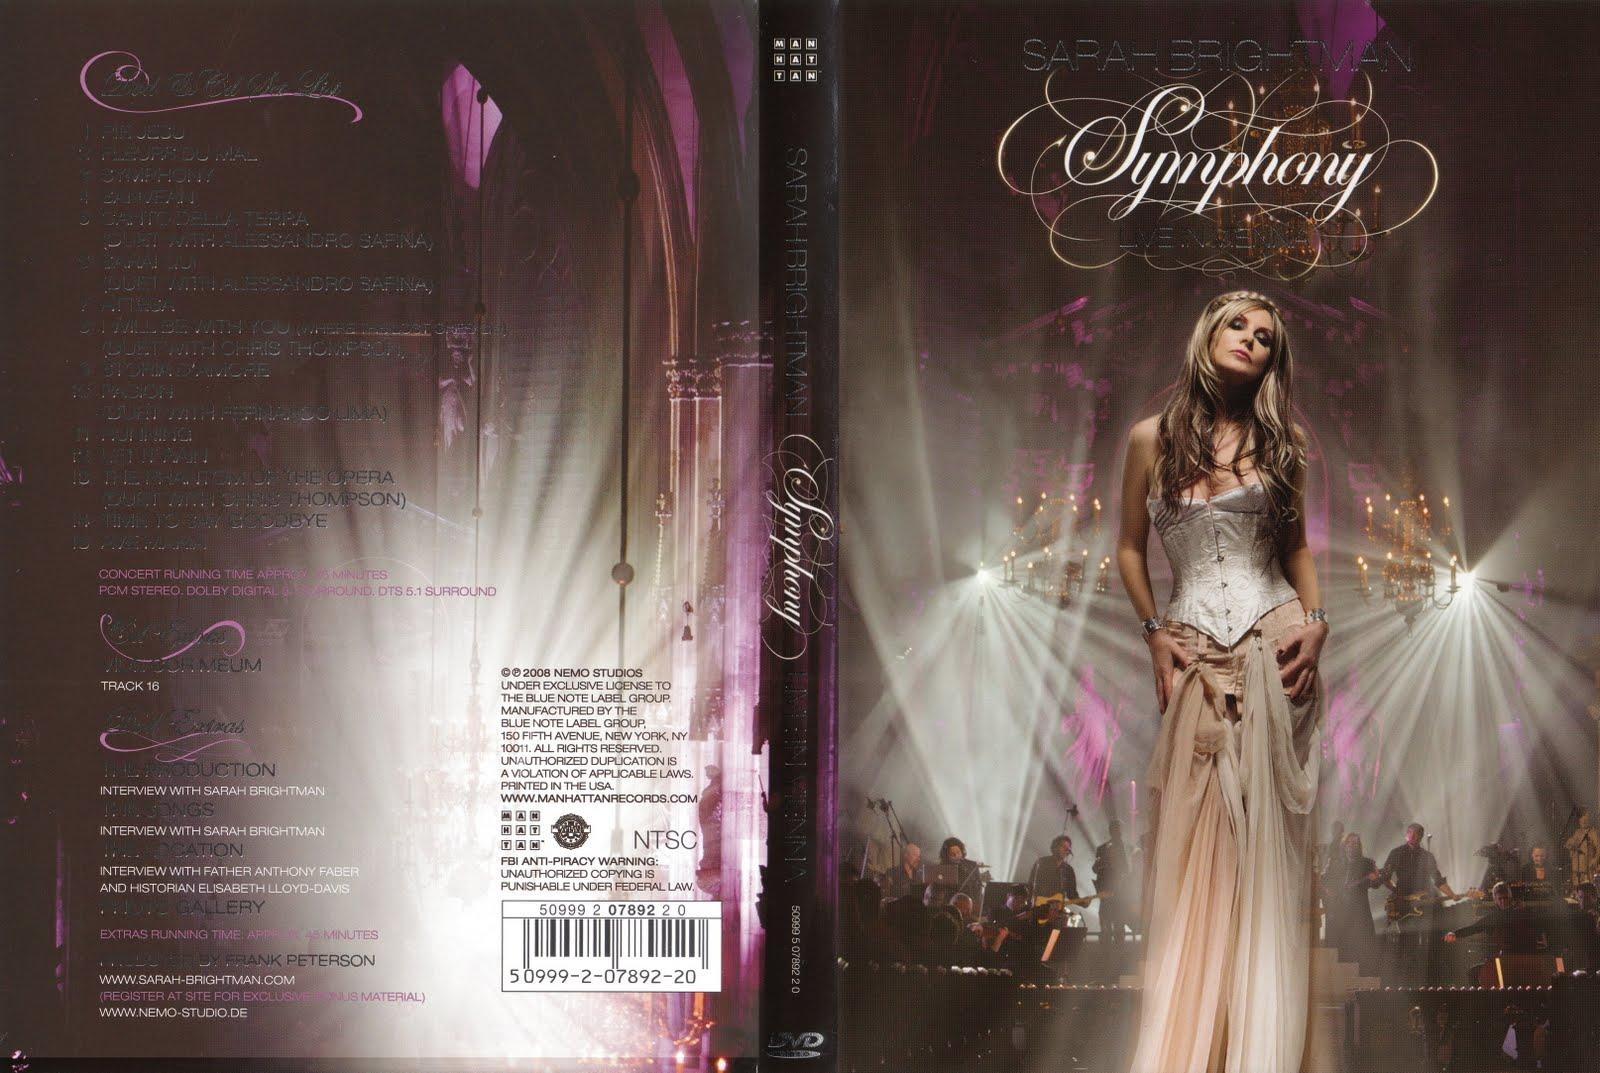 http://2.bp.blogspot.com/_mGkxudAo5eA/TCq_x7Eq4QI/AAAAAAAABfE/iI3sX4LJU3M/s1600/Sarah+Brightman+-+Symphony+(Live+In+Vienna)+-+Cover.jpg